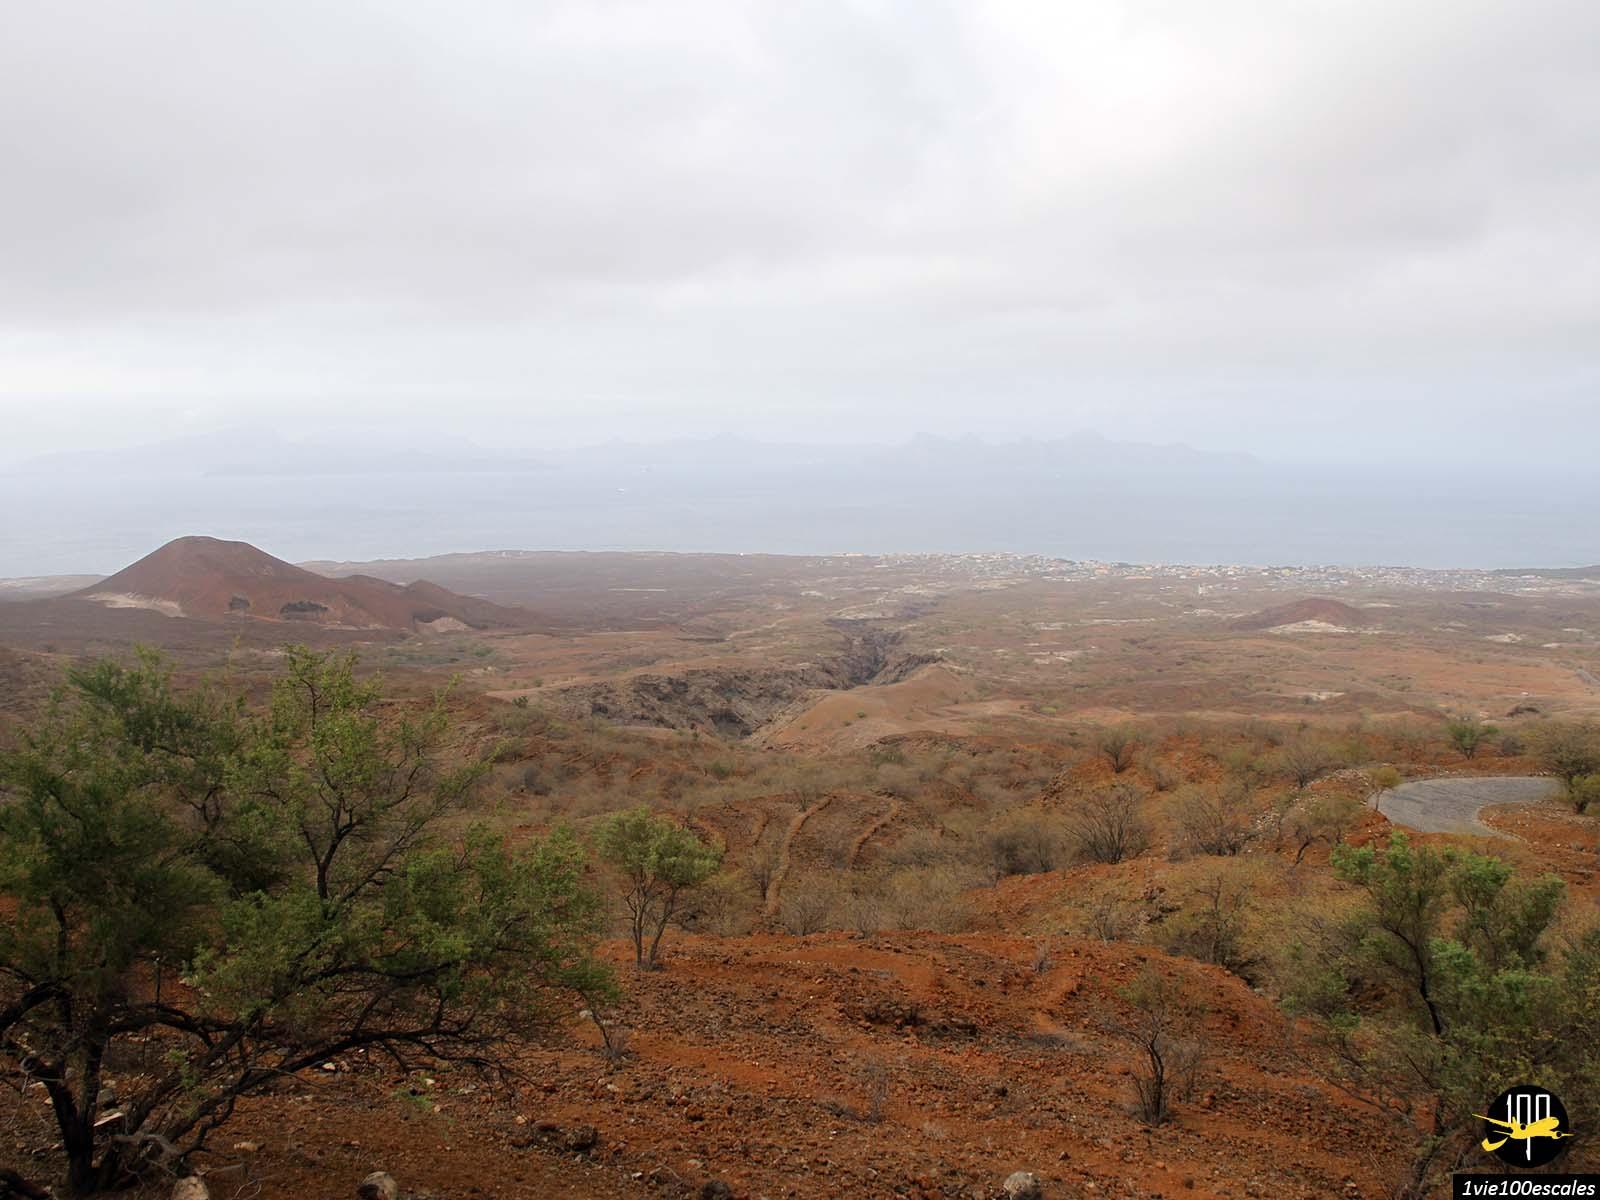 La vue presque desertique de l'ile de Santo Antao au Cap Vert